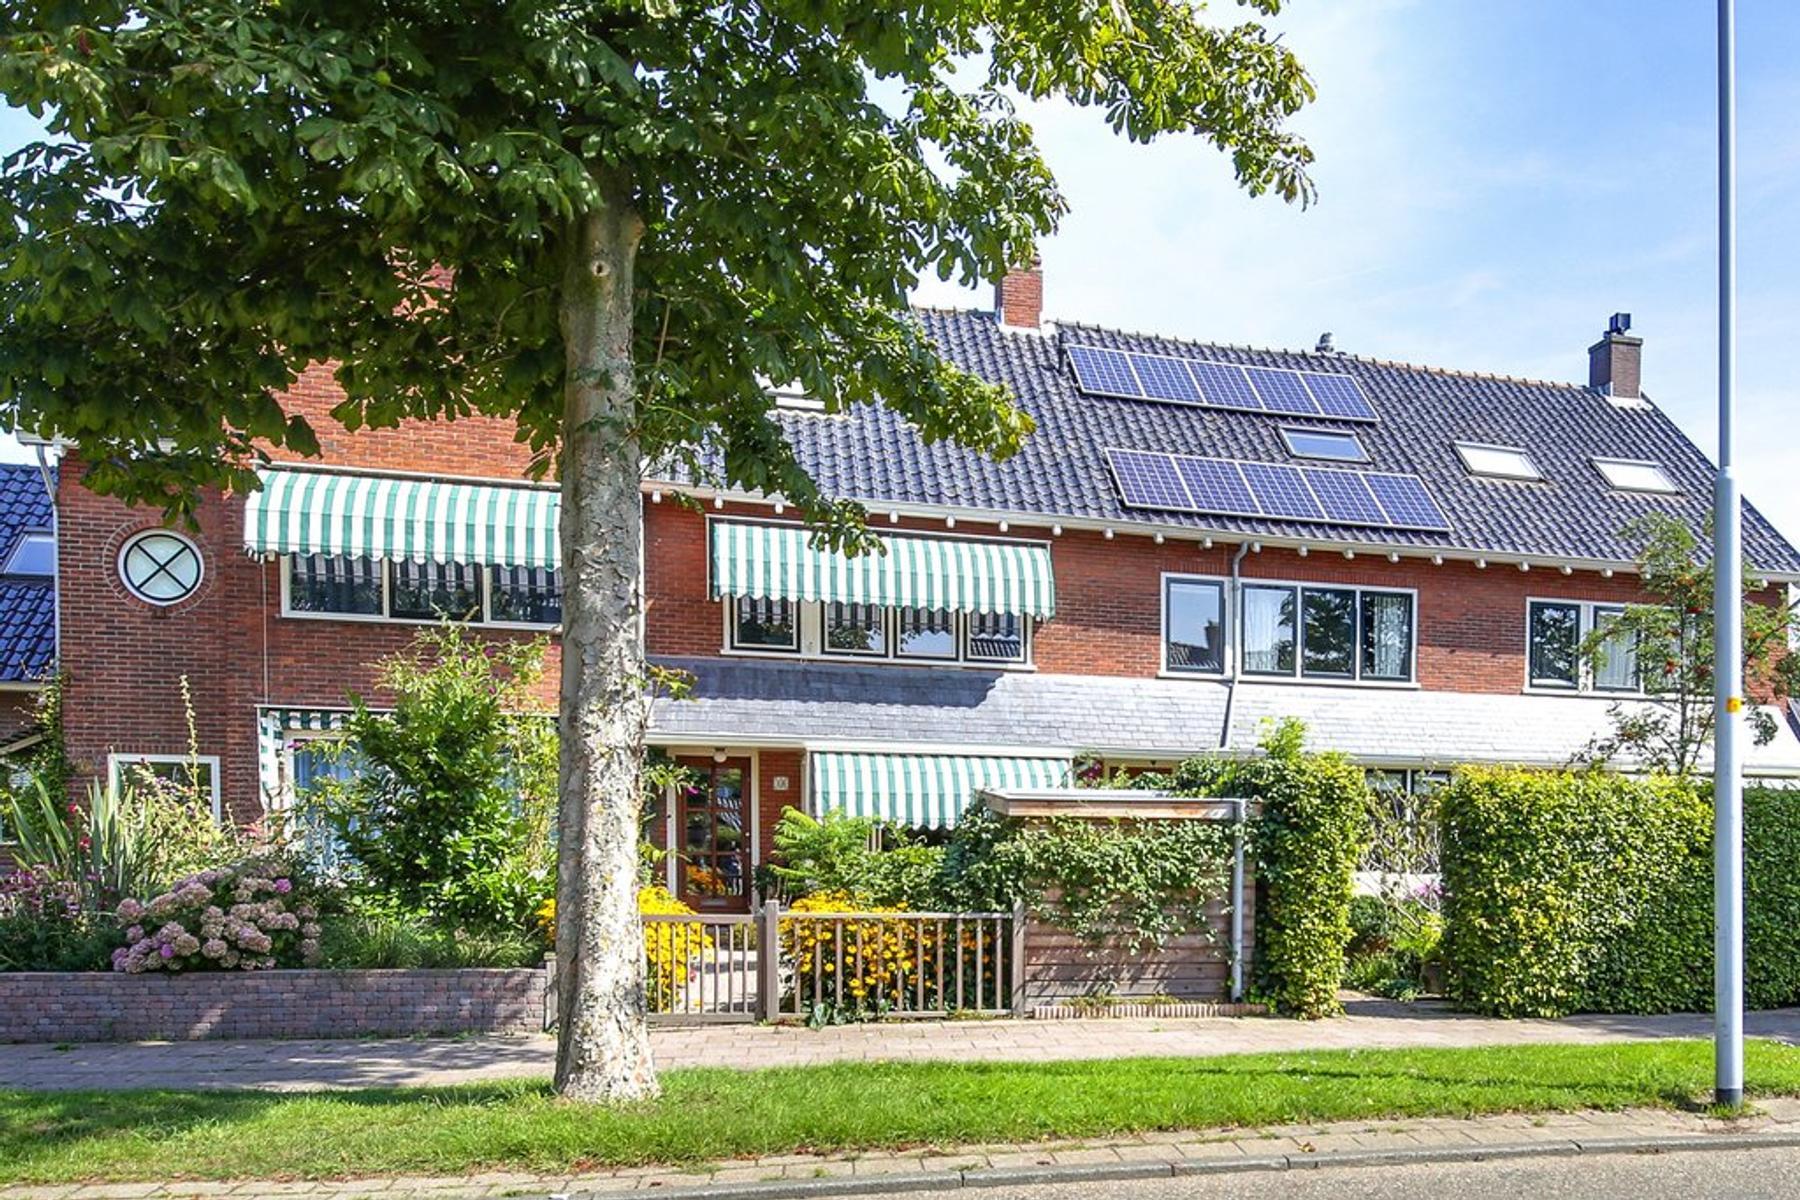 Generaal Snijdersstraat 20 in Badhoevedorp 1171 HM